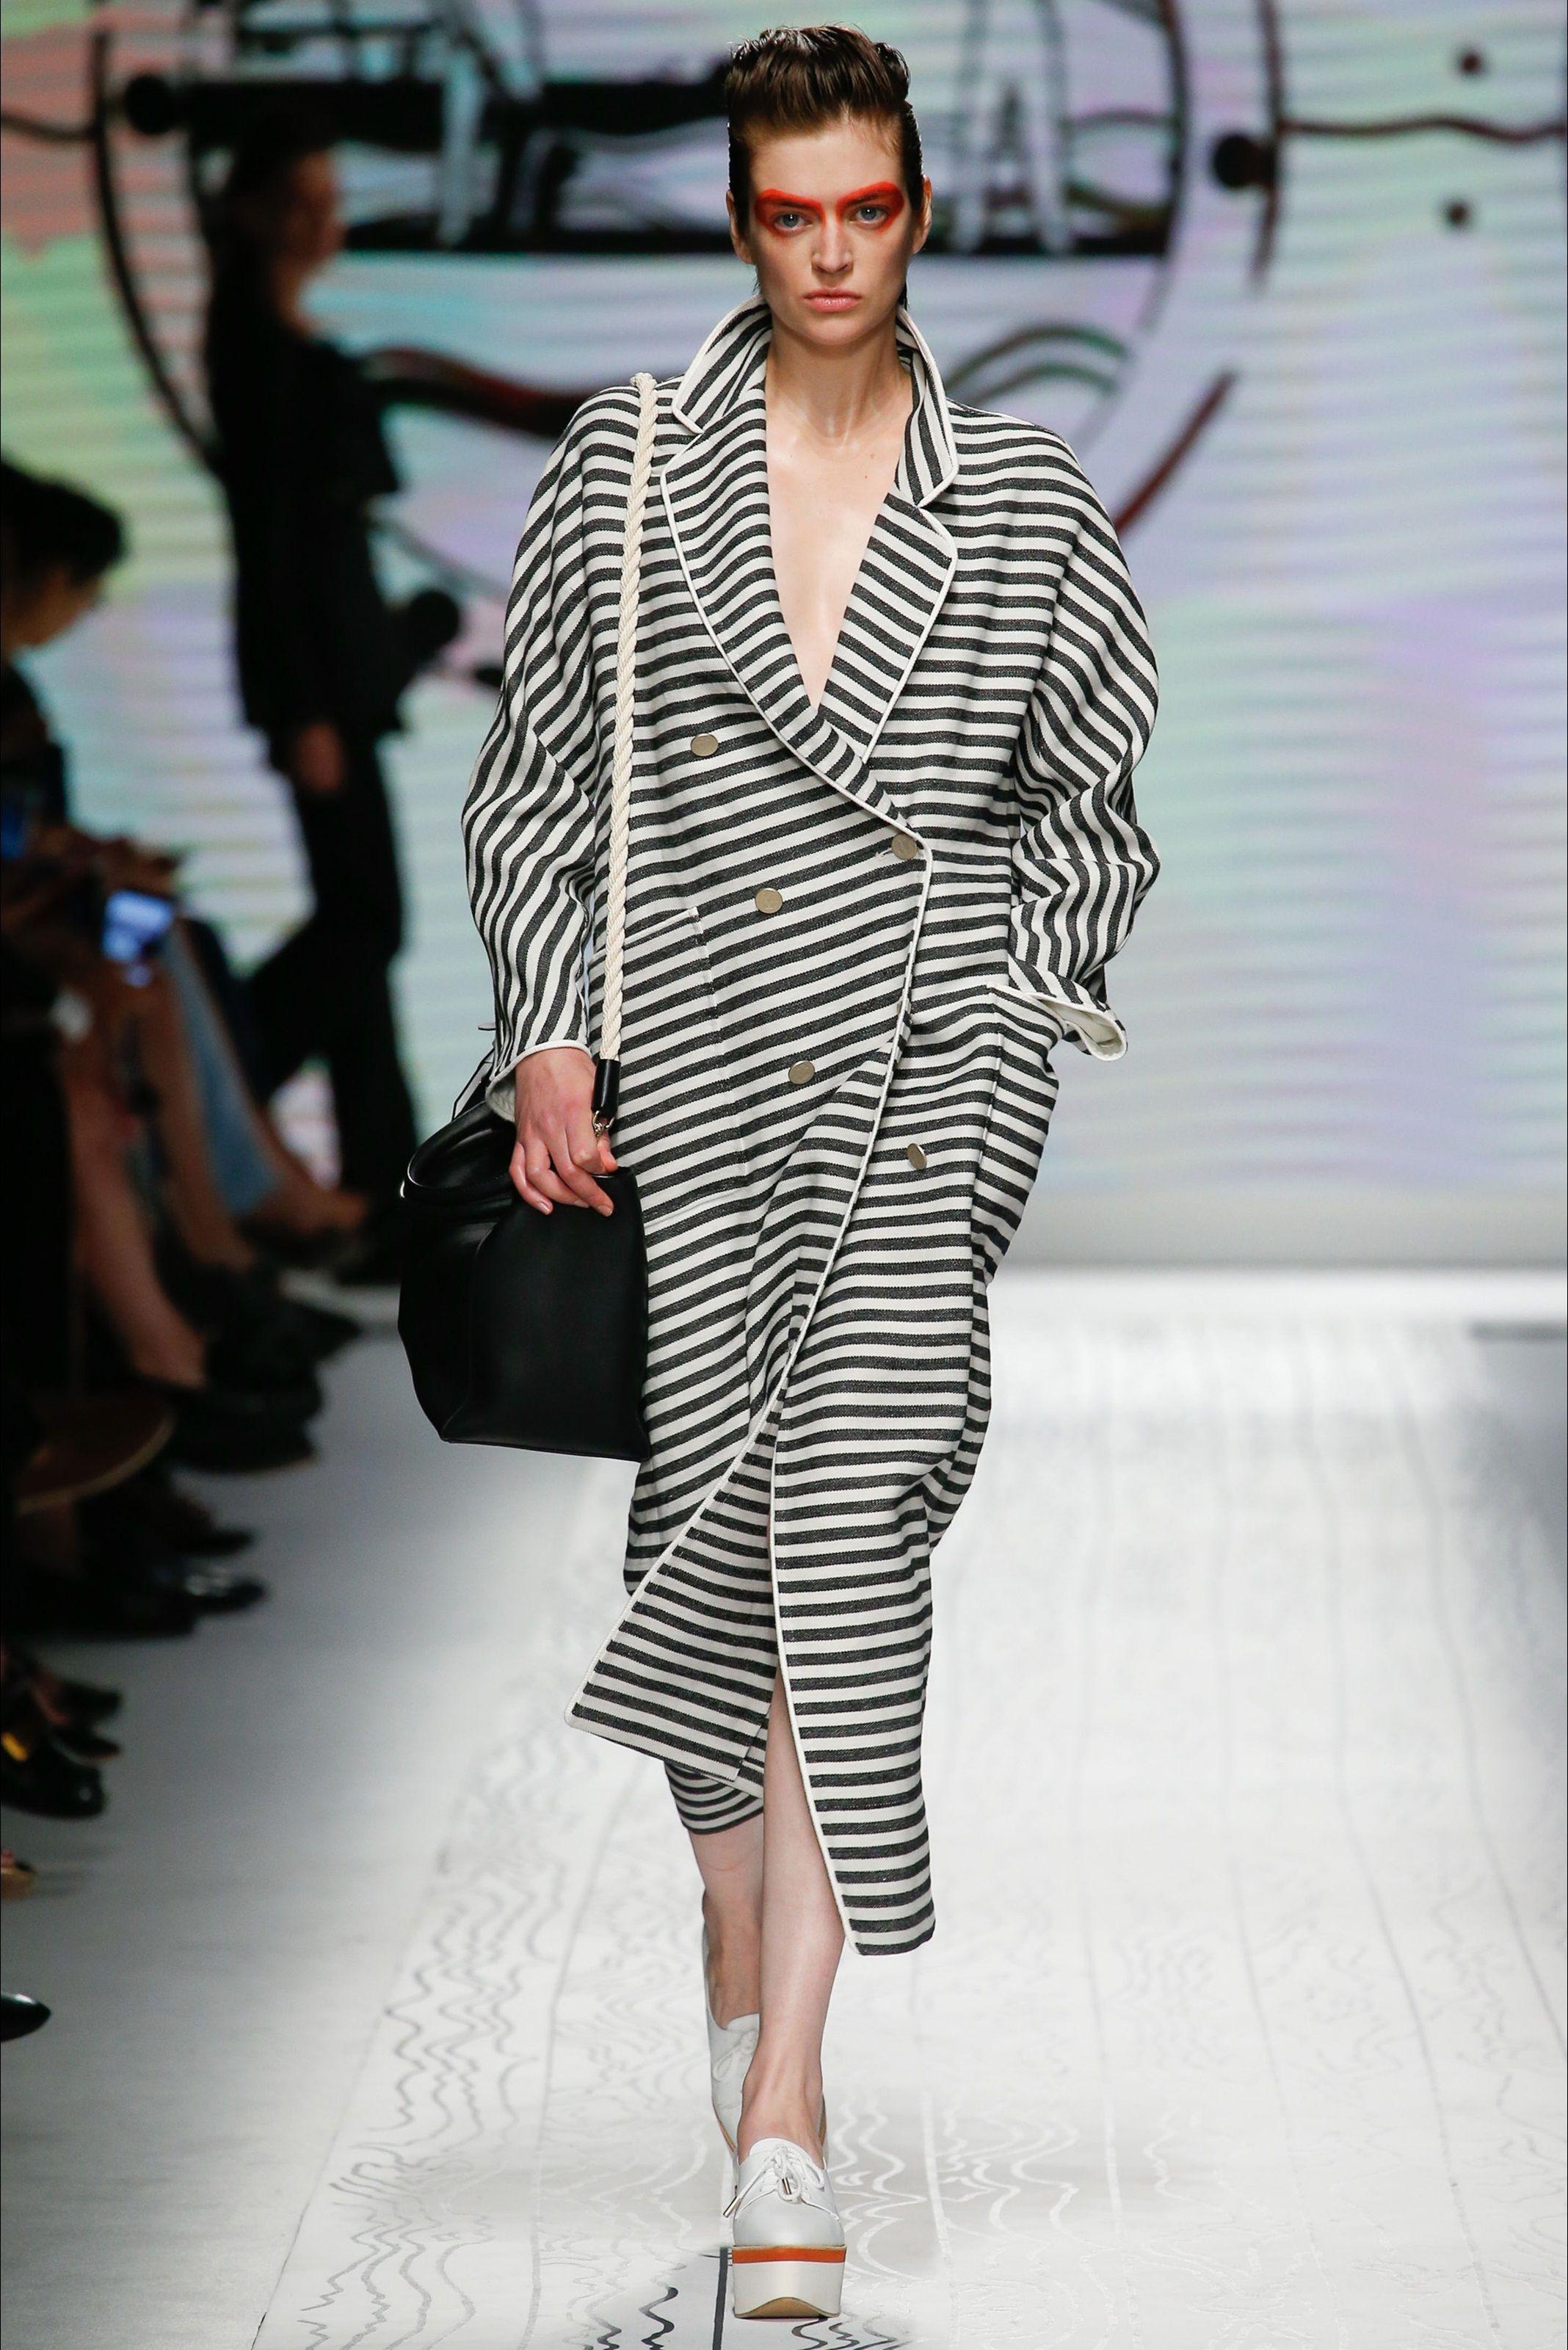 Sfilata Max Mara New York Pre Collezioni Primavera Estate 2014 Vogue fd2859196cfb